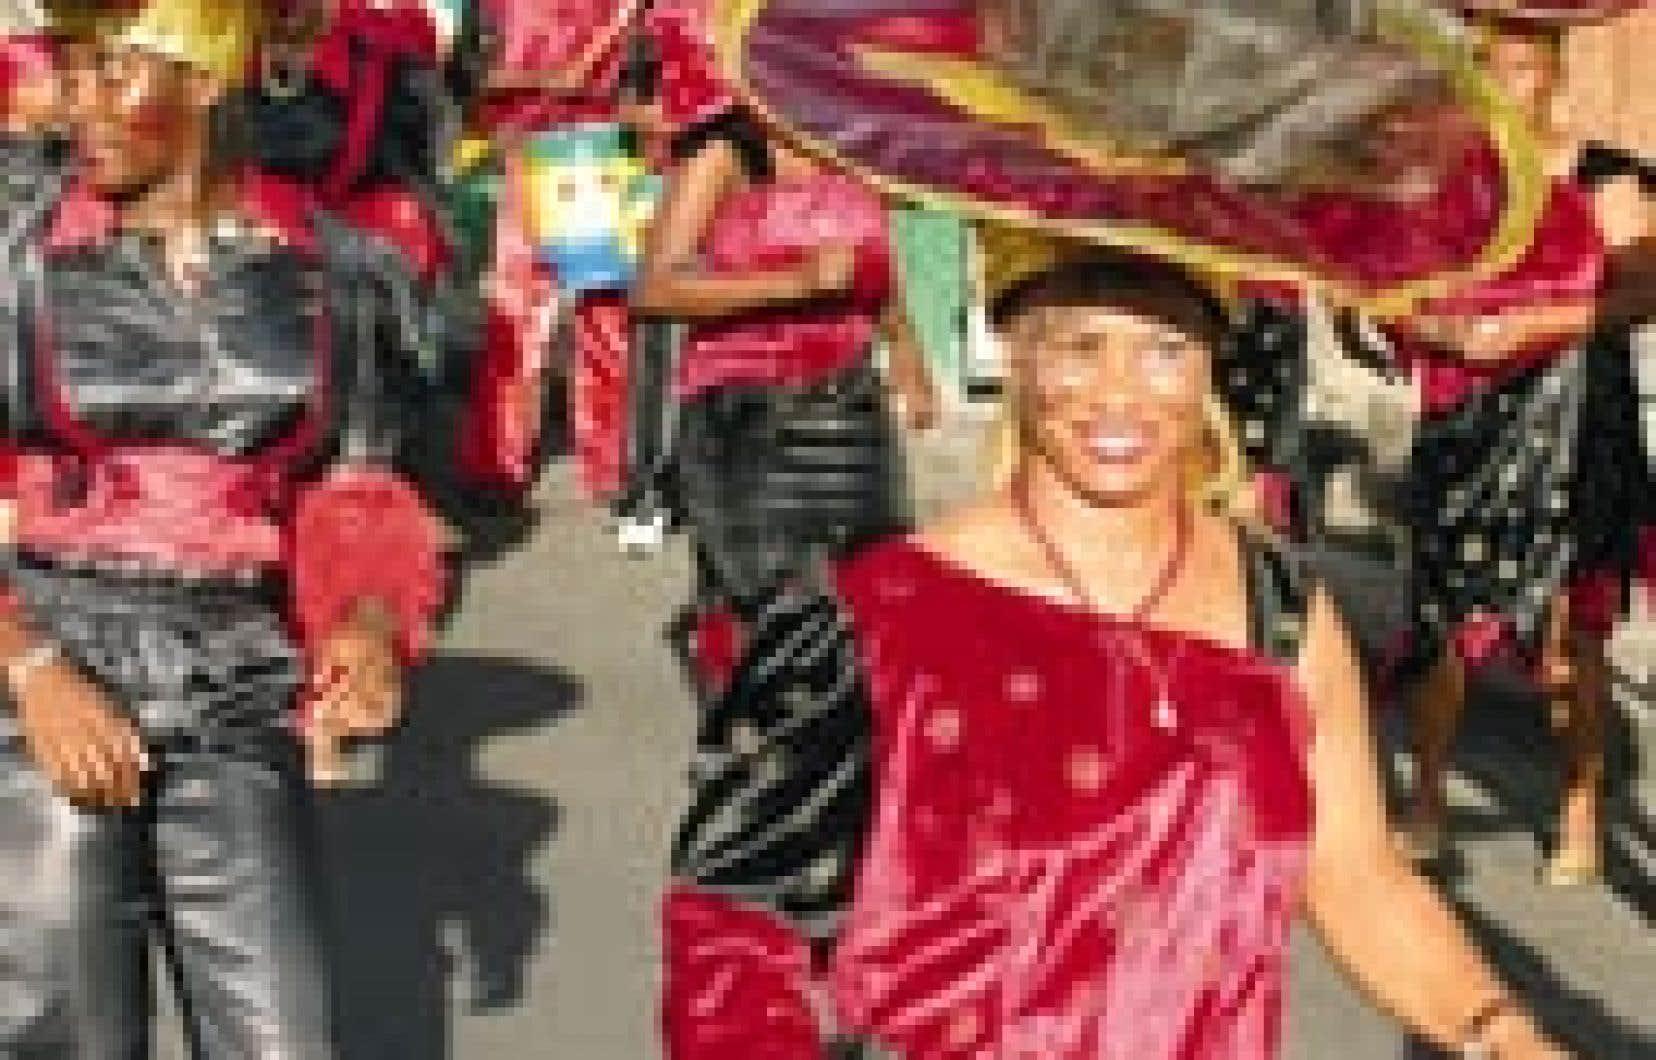 Le 18 mars 2004, c'était le grand « vidé » en rouge et noir de la mi-carême, à Basse-Terre.